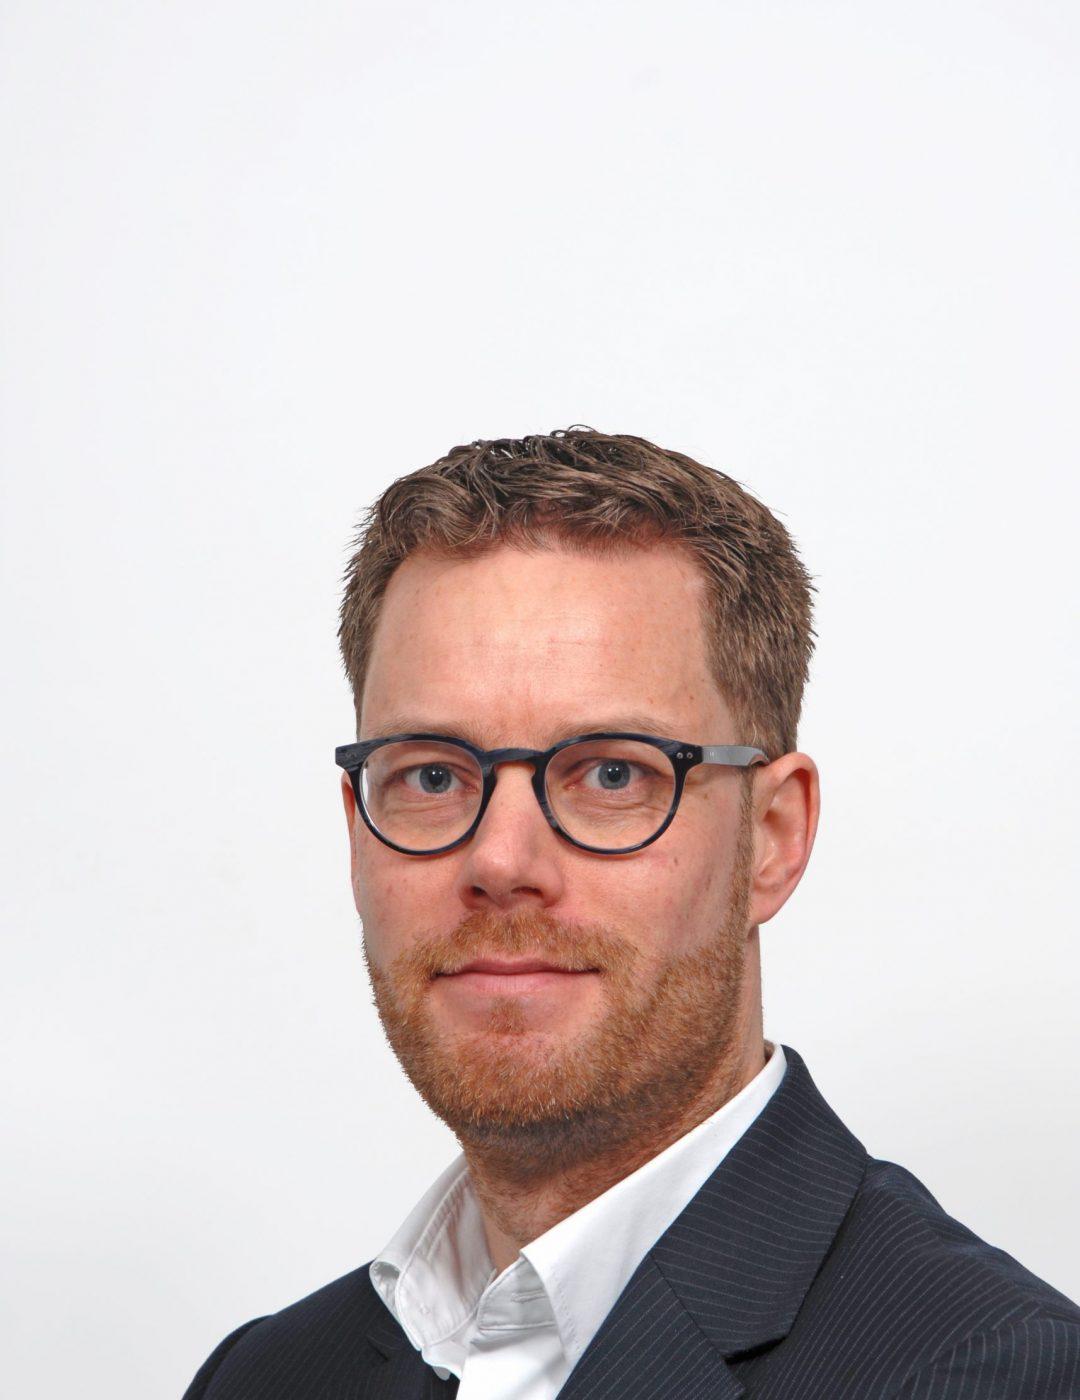 Danny Peters, founder of Milkymap.